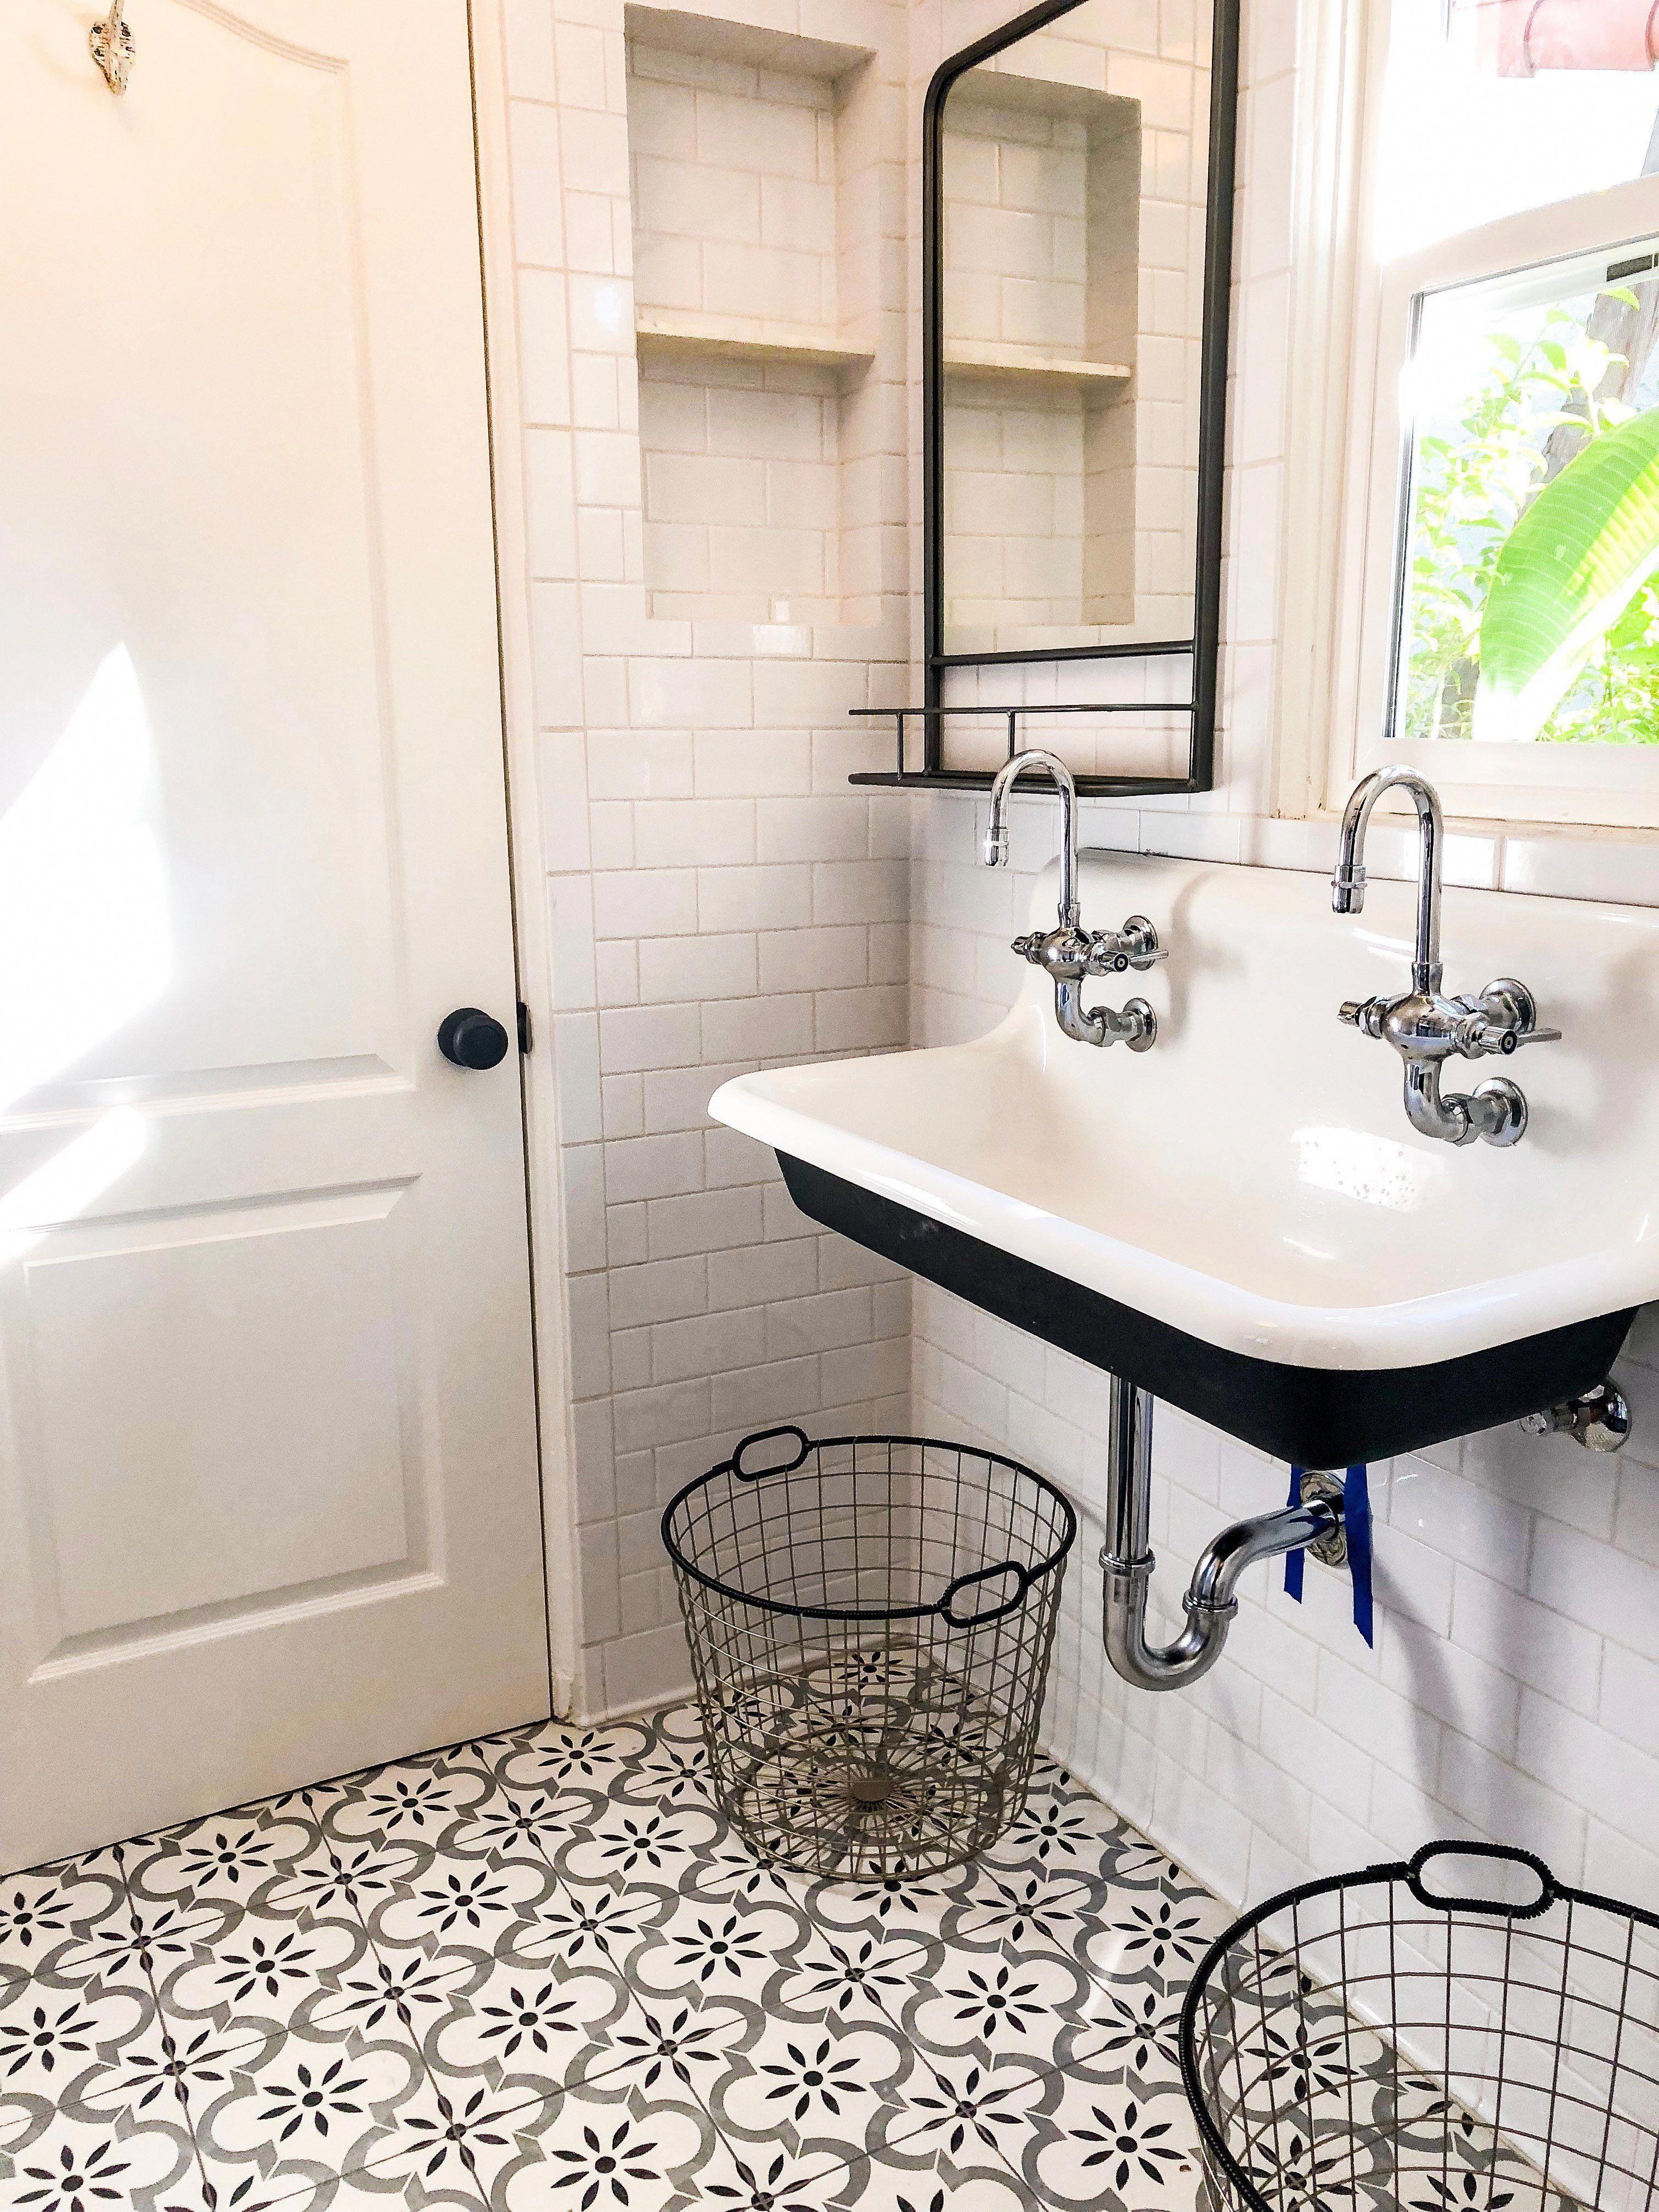 NBI DRAINBOARD SINKS | Vintage Inspired Farmhouse Drainboard Sinks